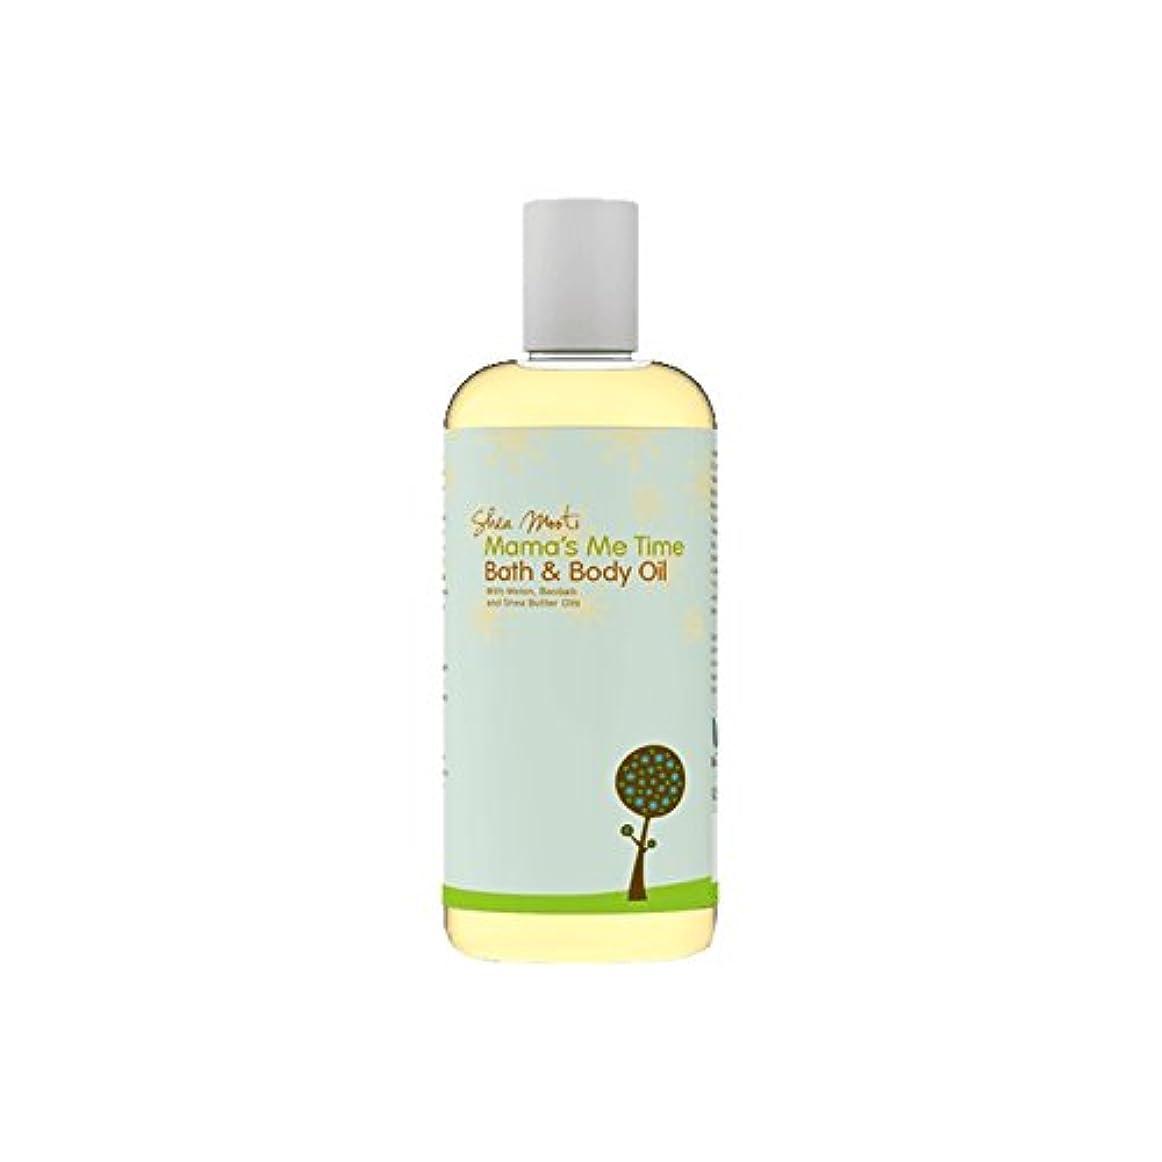 ヘッドレス送ったクラフトShea Mooti Mama's Me Time Bath and Body Oil 110g (Pack of 2) - シアバターMootiママの私の時間のバス、ボディオイル110グラム (x2) [並行輸入品]